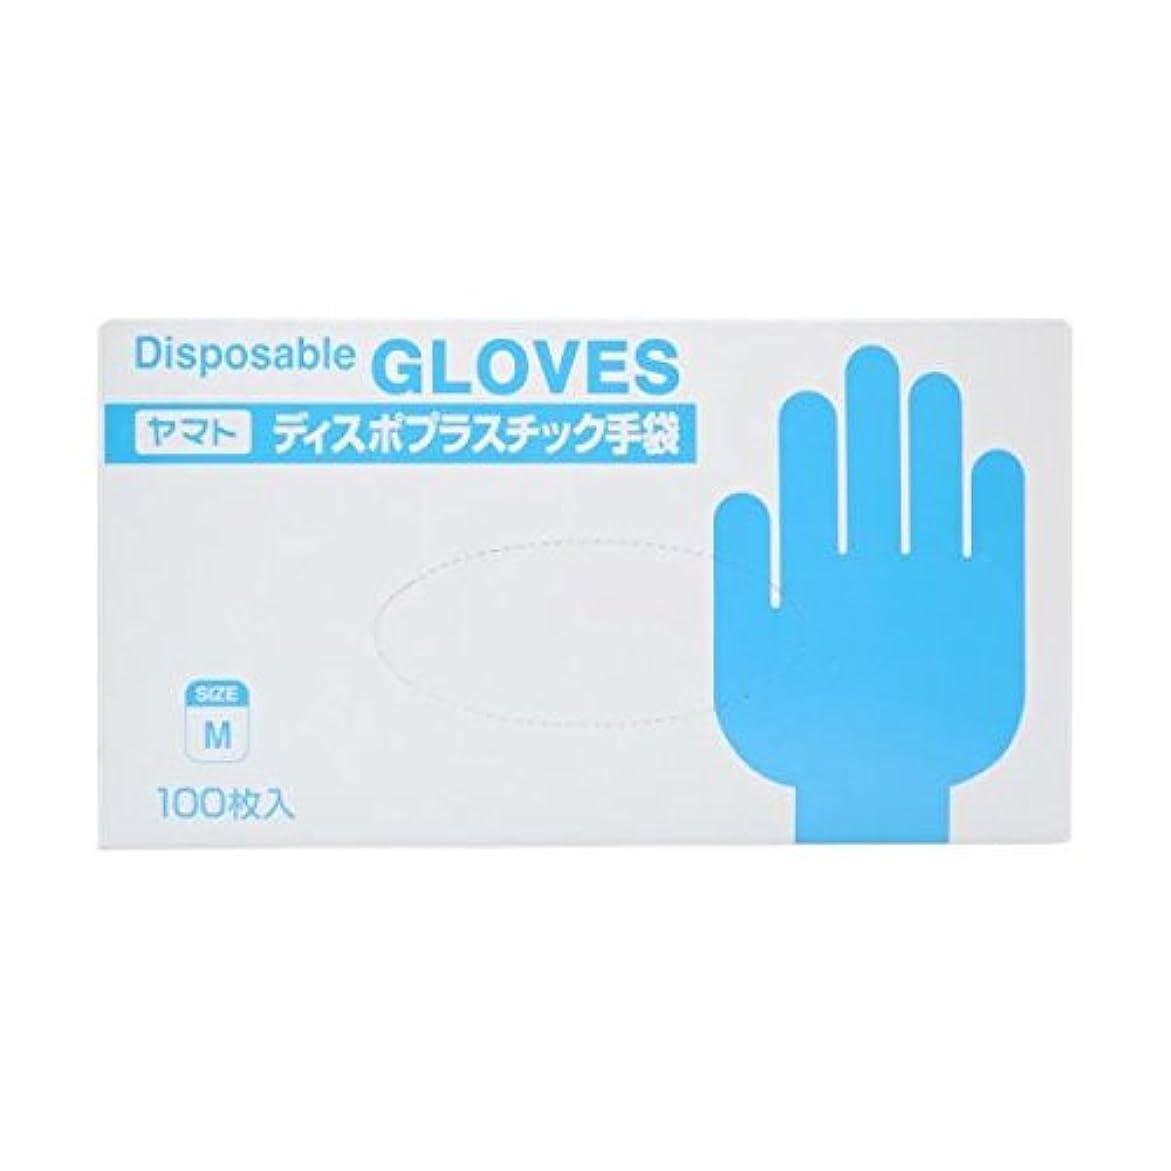 慣習楽しませる人種ヤマト ディスポプラスチック手袋 M 100枚入